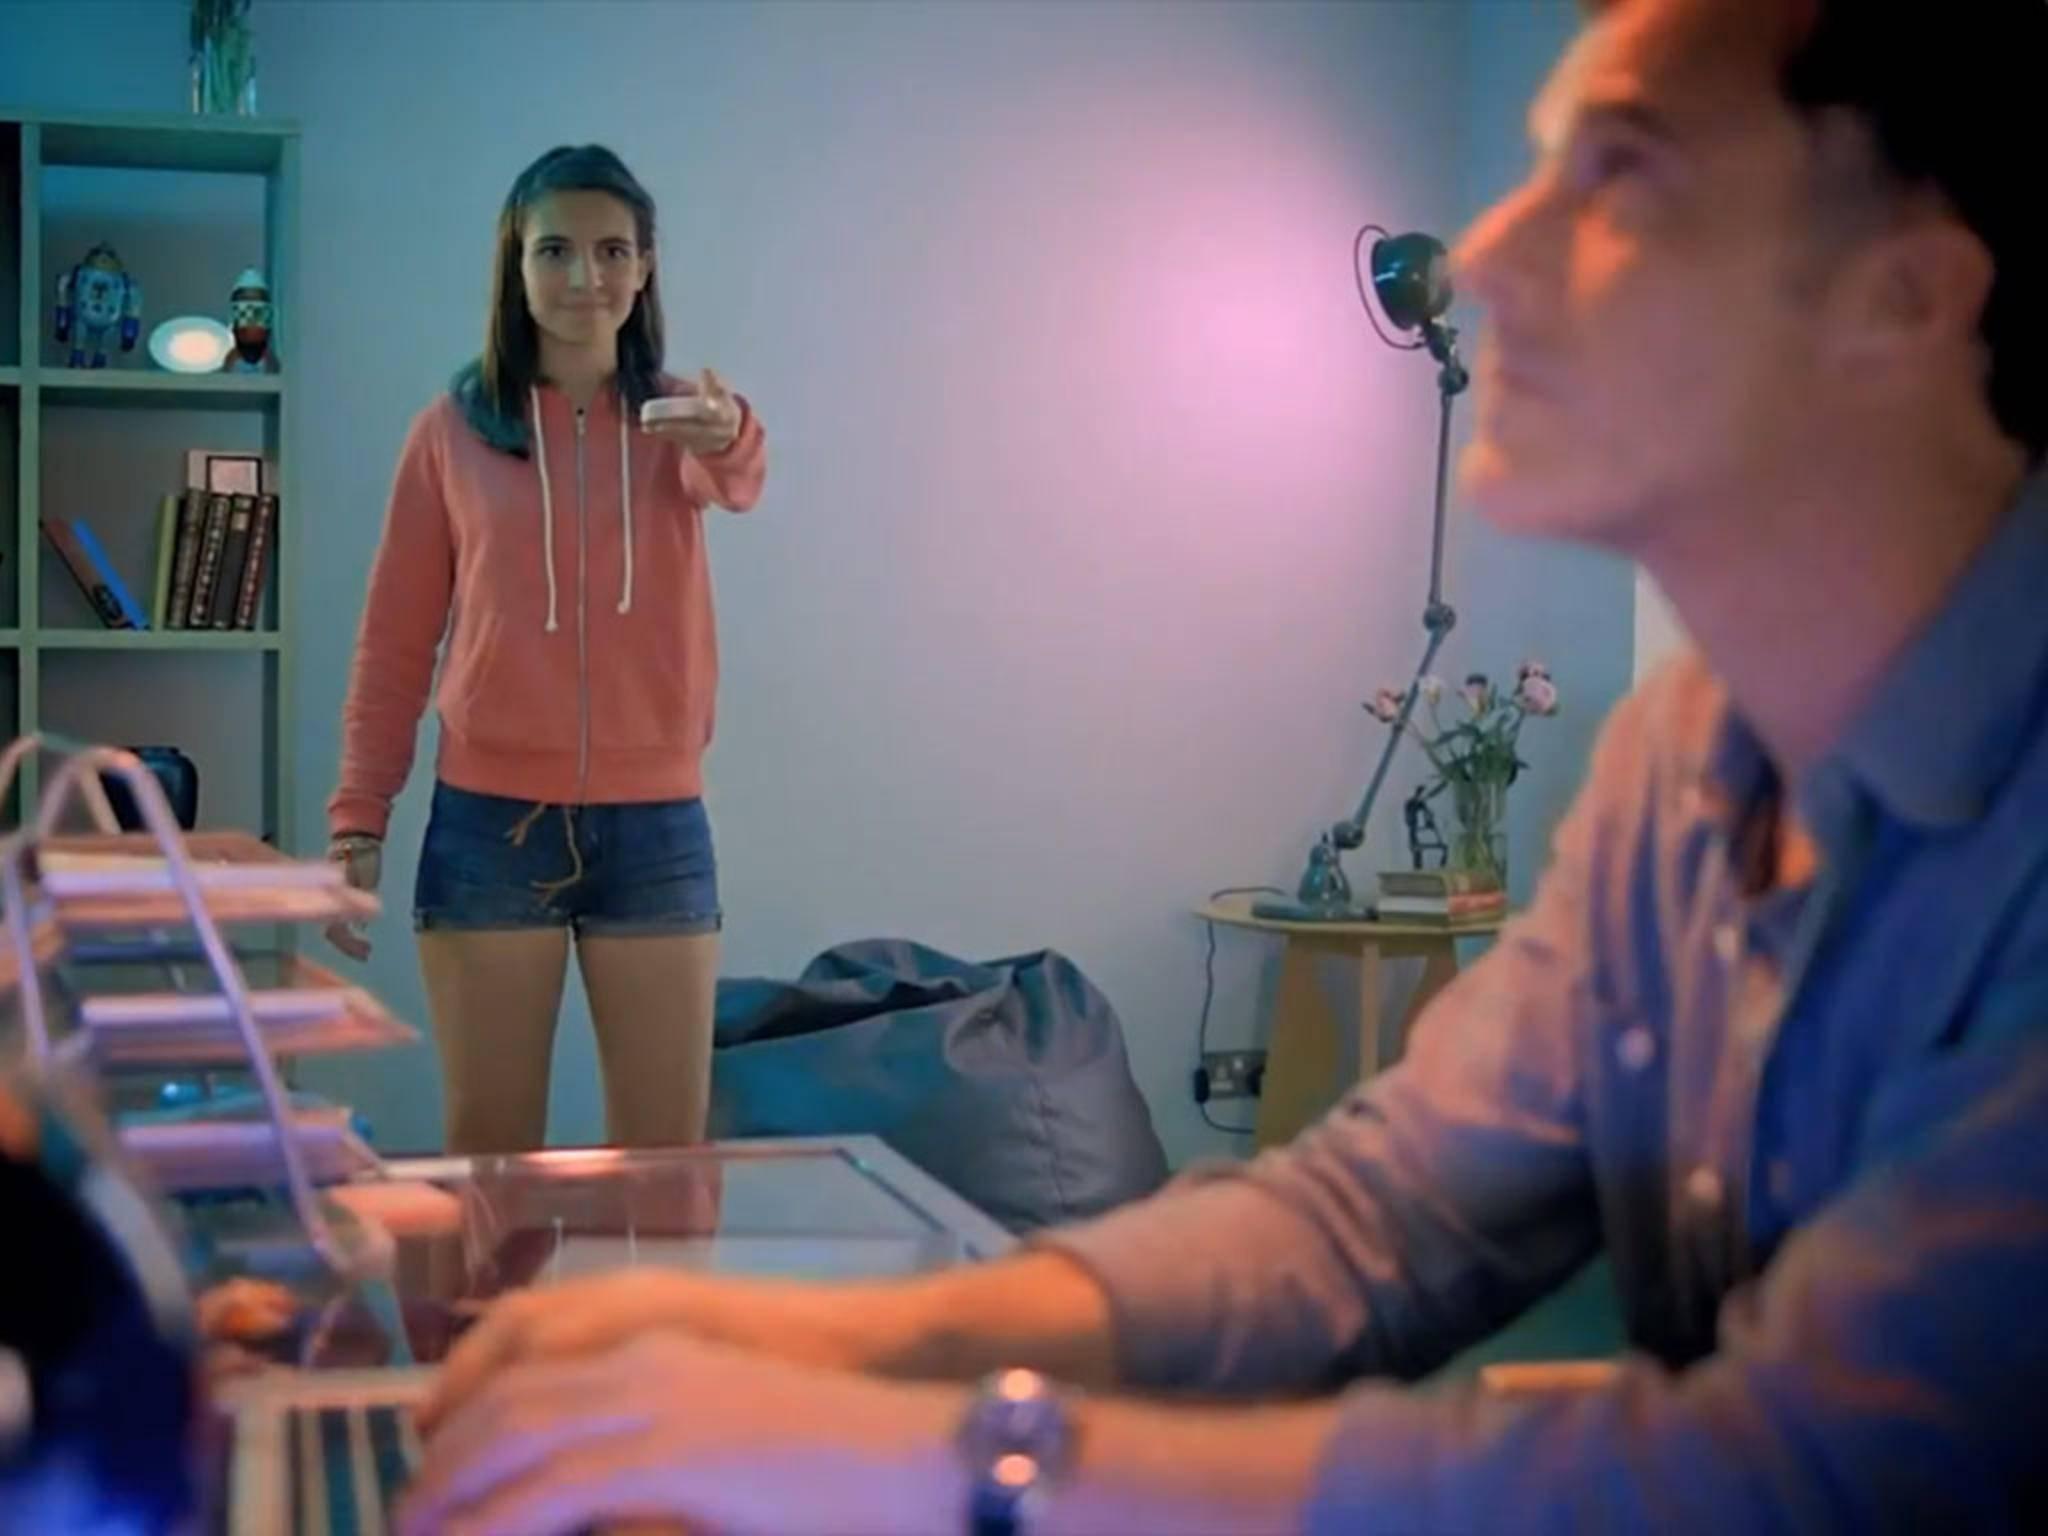 Ab Herbst wird Philips Hue auch mit Apple HomeKit klarkommen. Unklar ist noch, ob dafür auch neue Hardware nötig ist.